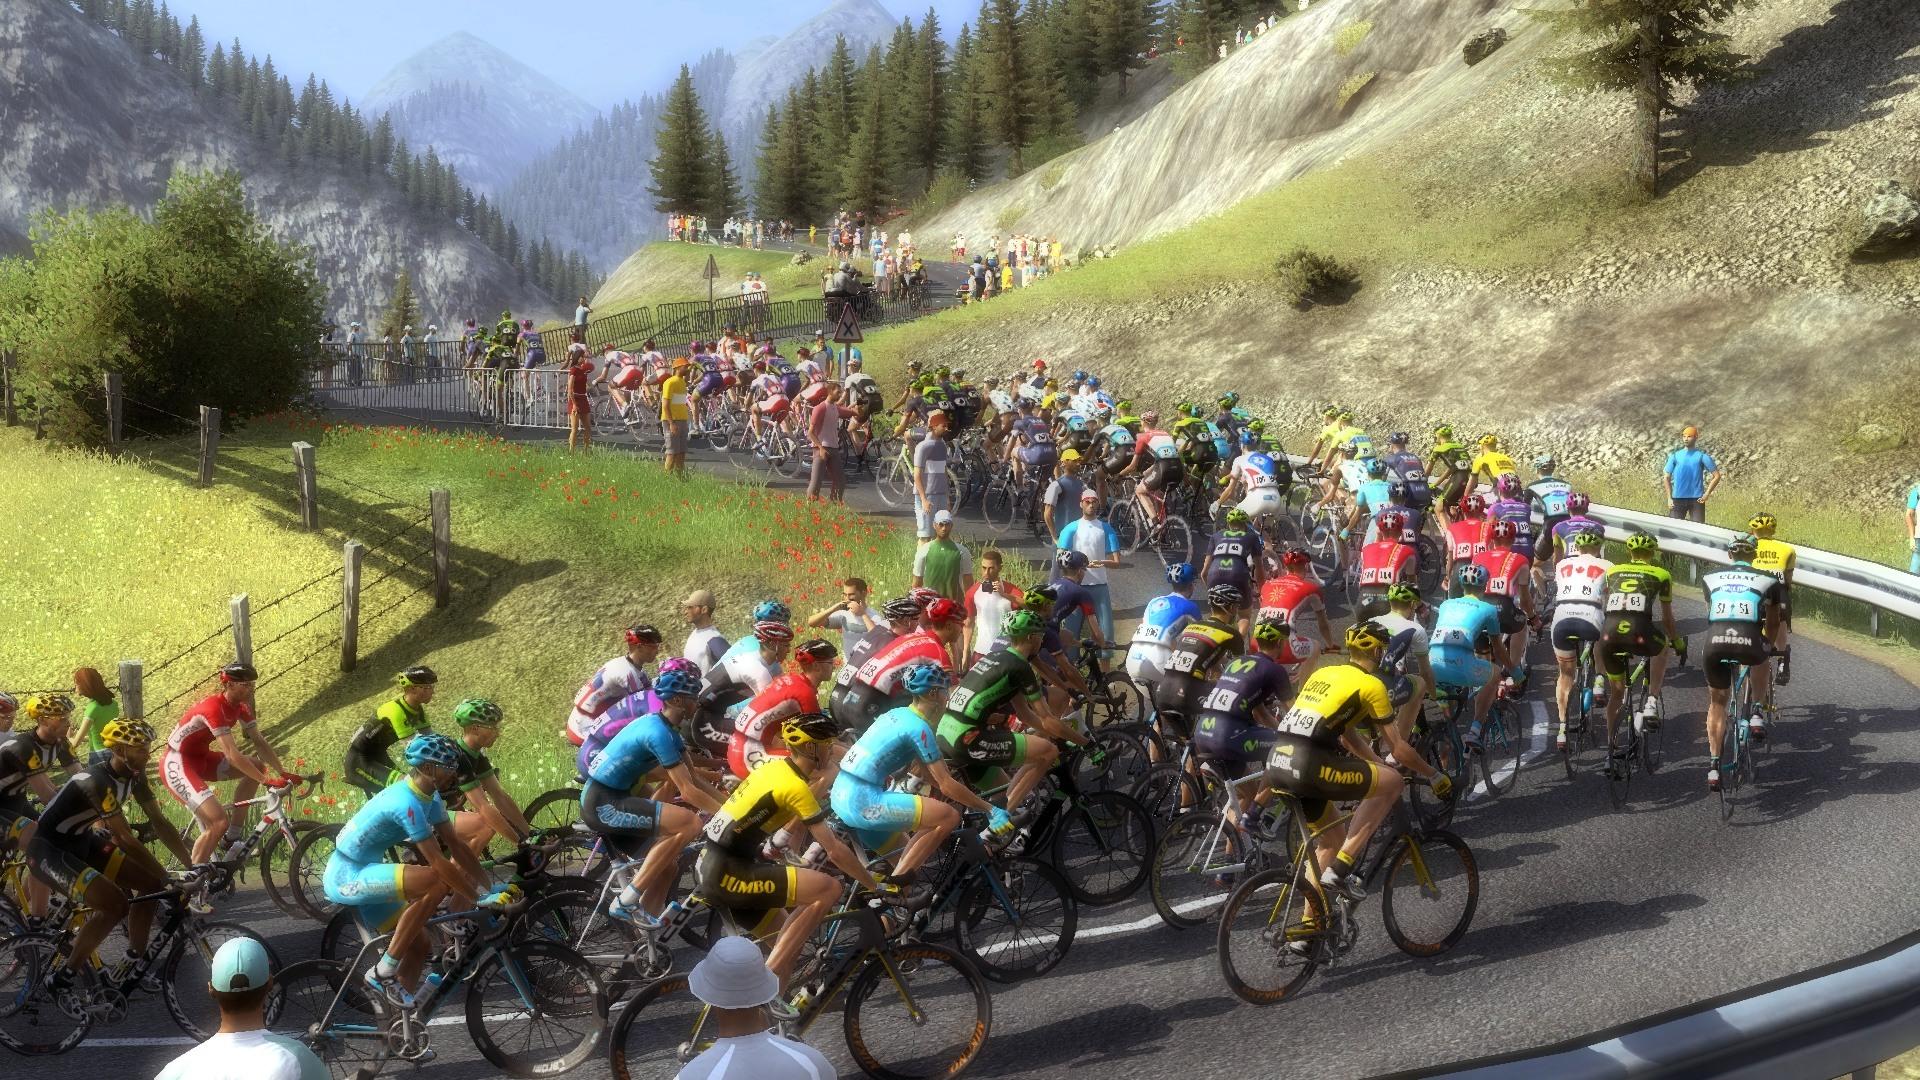 Tour De France 2015 Screenshots Pictures Wallpapers 1920x1080